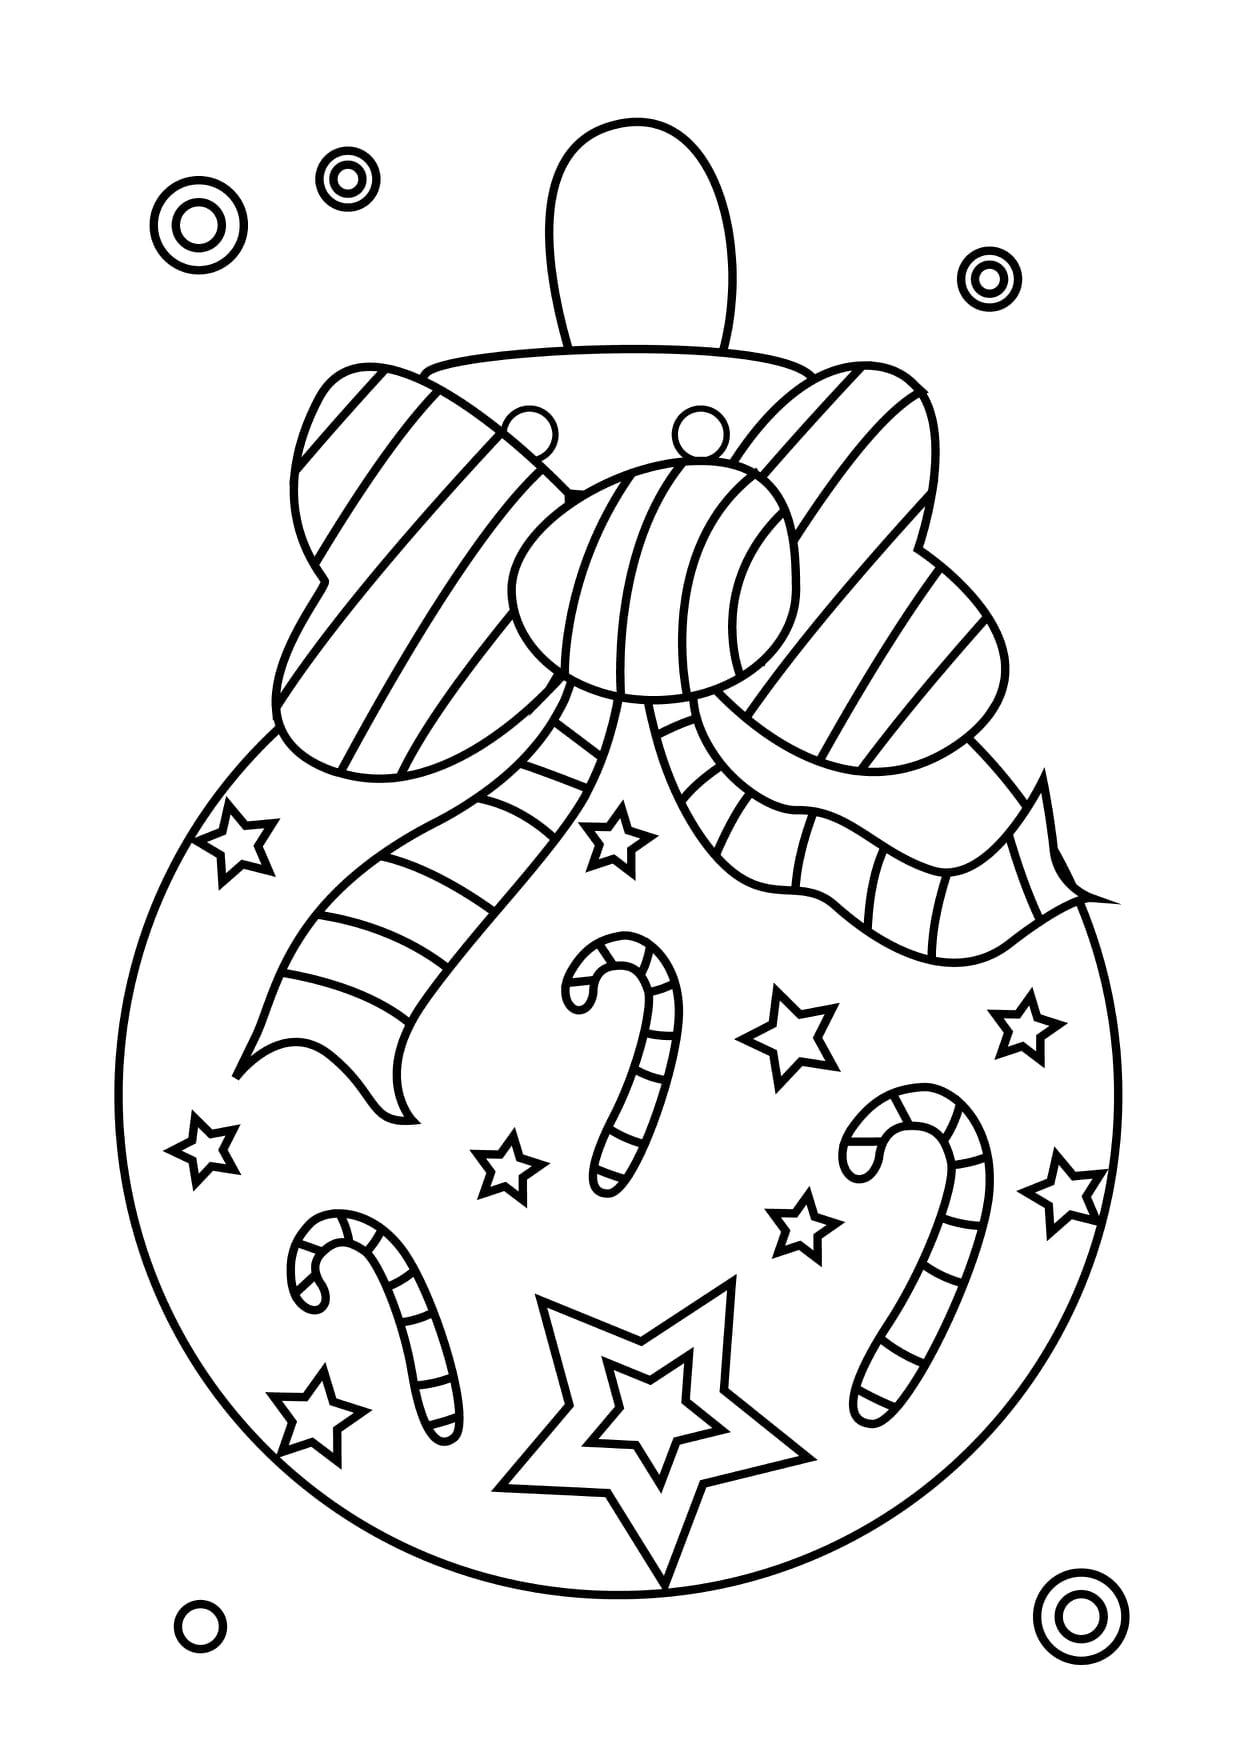 Dessin Sur Boule De Noel Coloriage boule de Noël nœud papillon